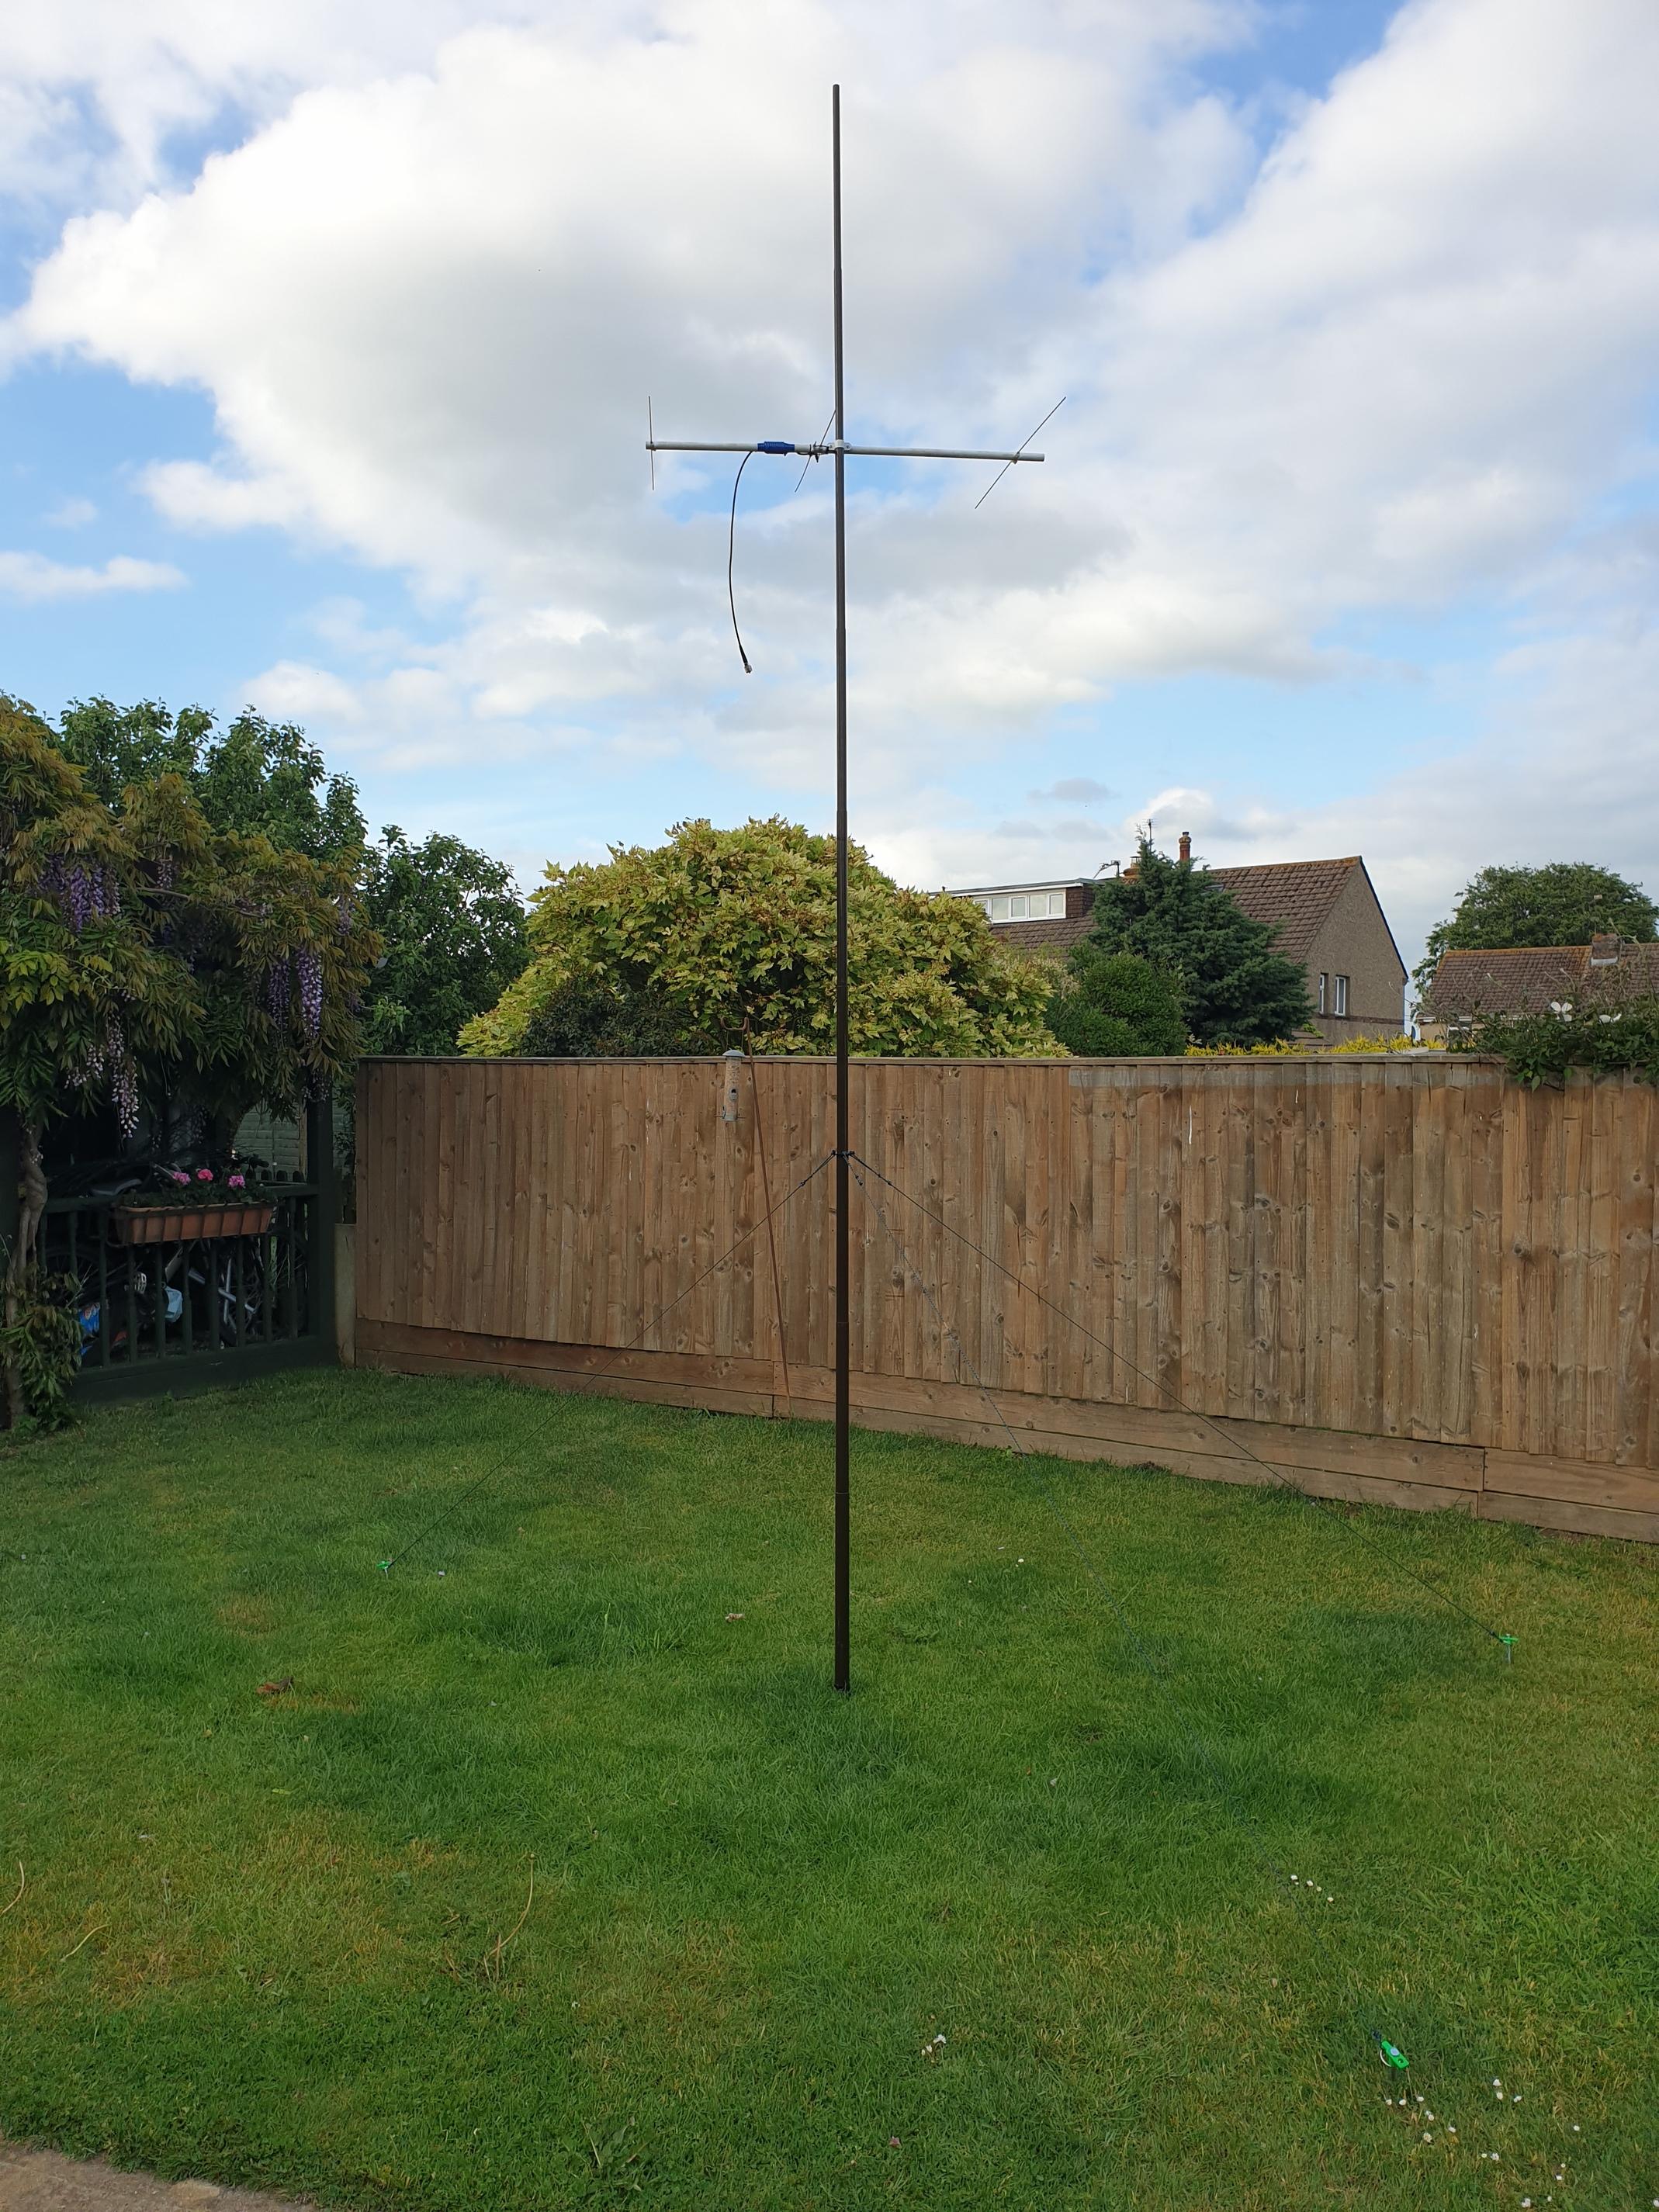 vhf beam - Antennas - SOTA Reflector